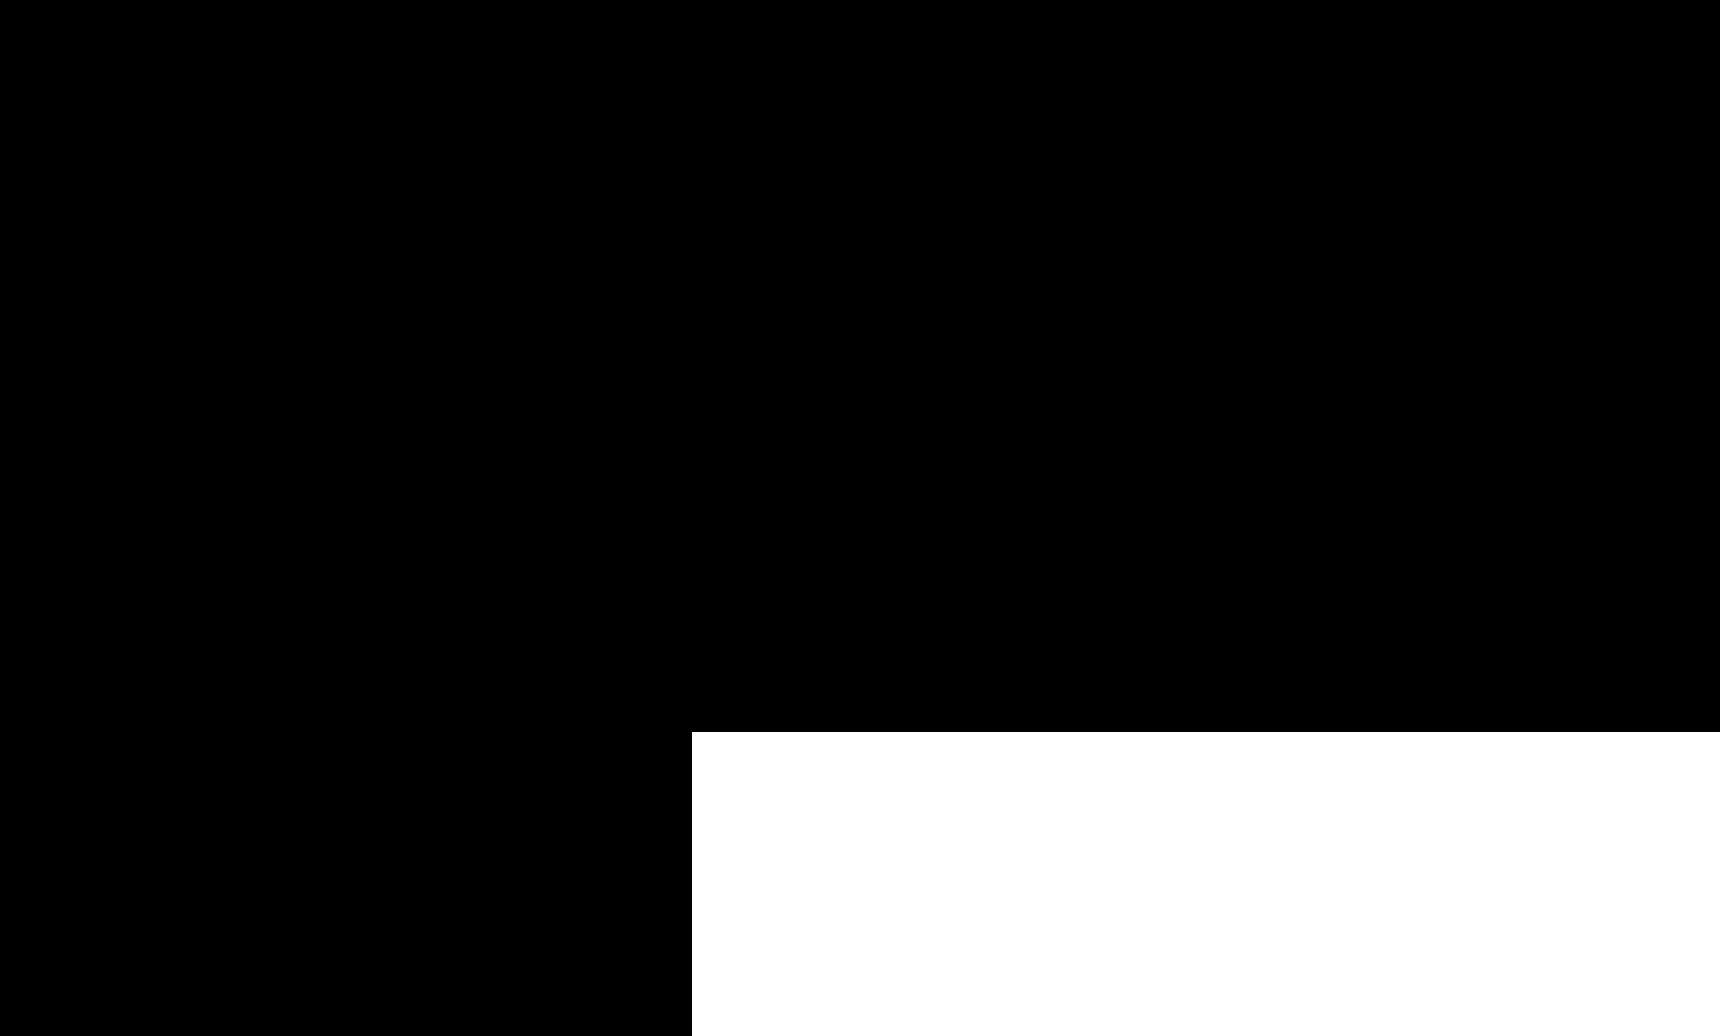 【房间独立温泉池】韶关天然真温泉圣地~古泉温泉299元入住温泉房+无限次公共温泉+温泉水上乐园,超长使用期~(12月30日止)